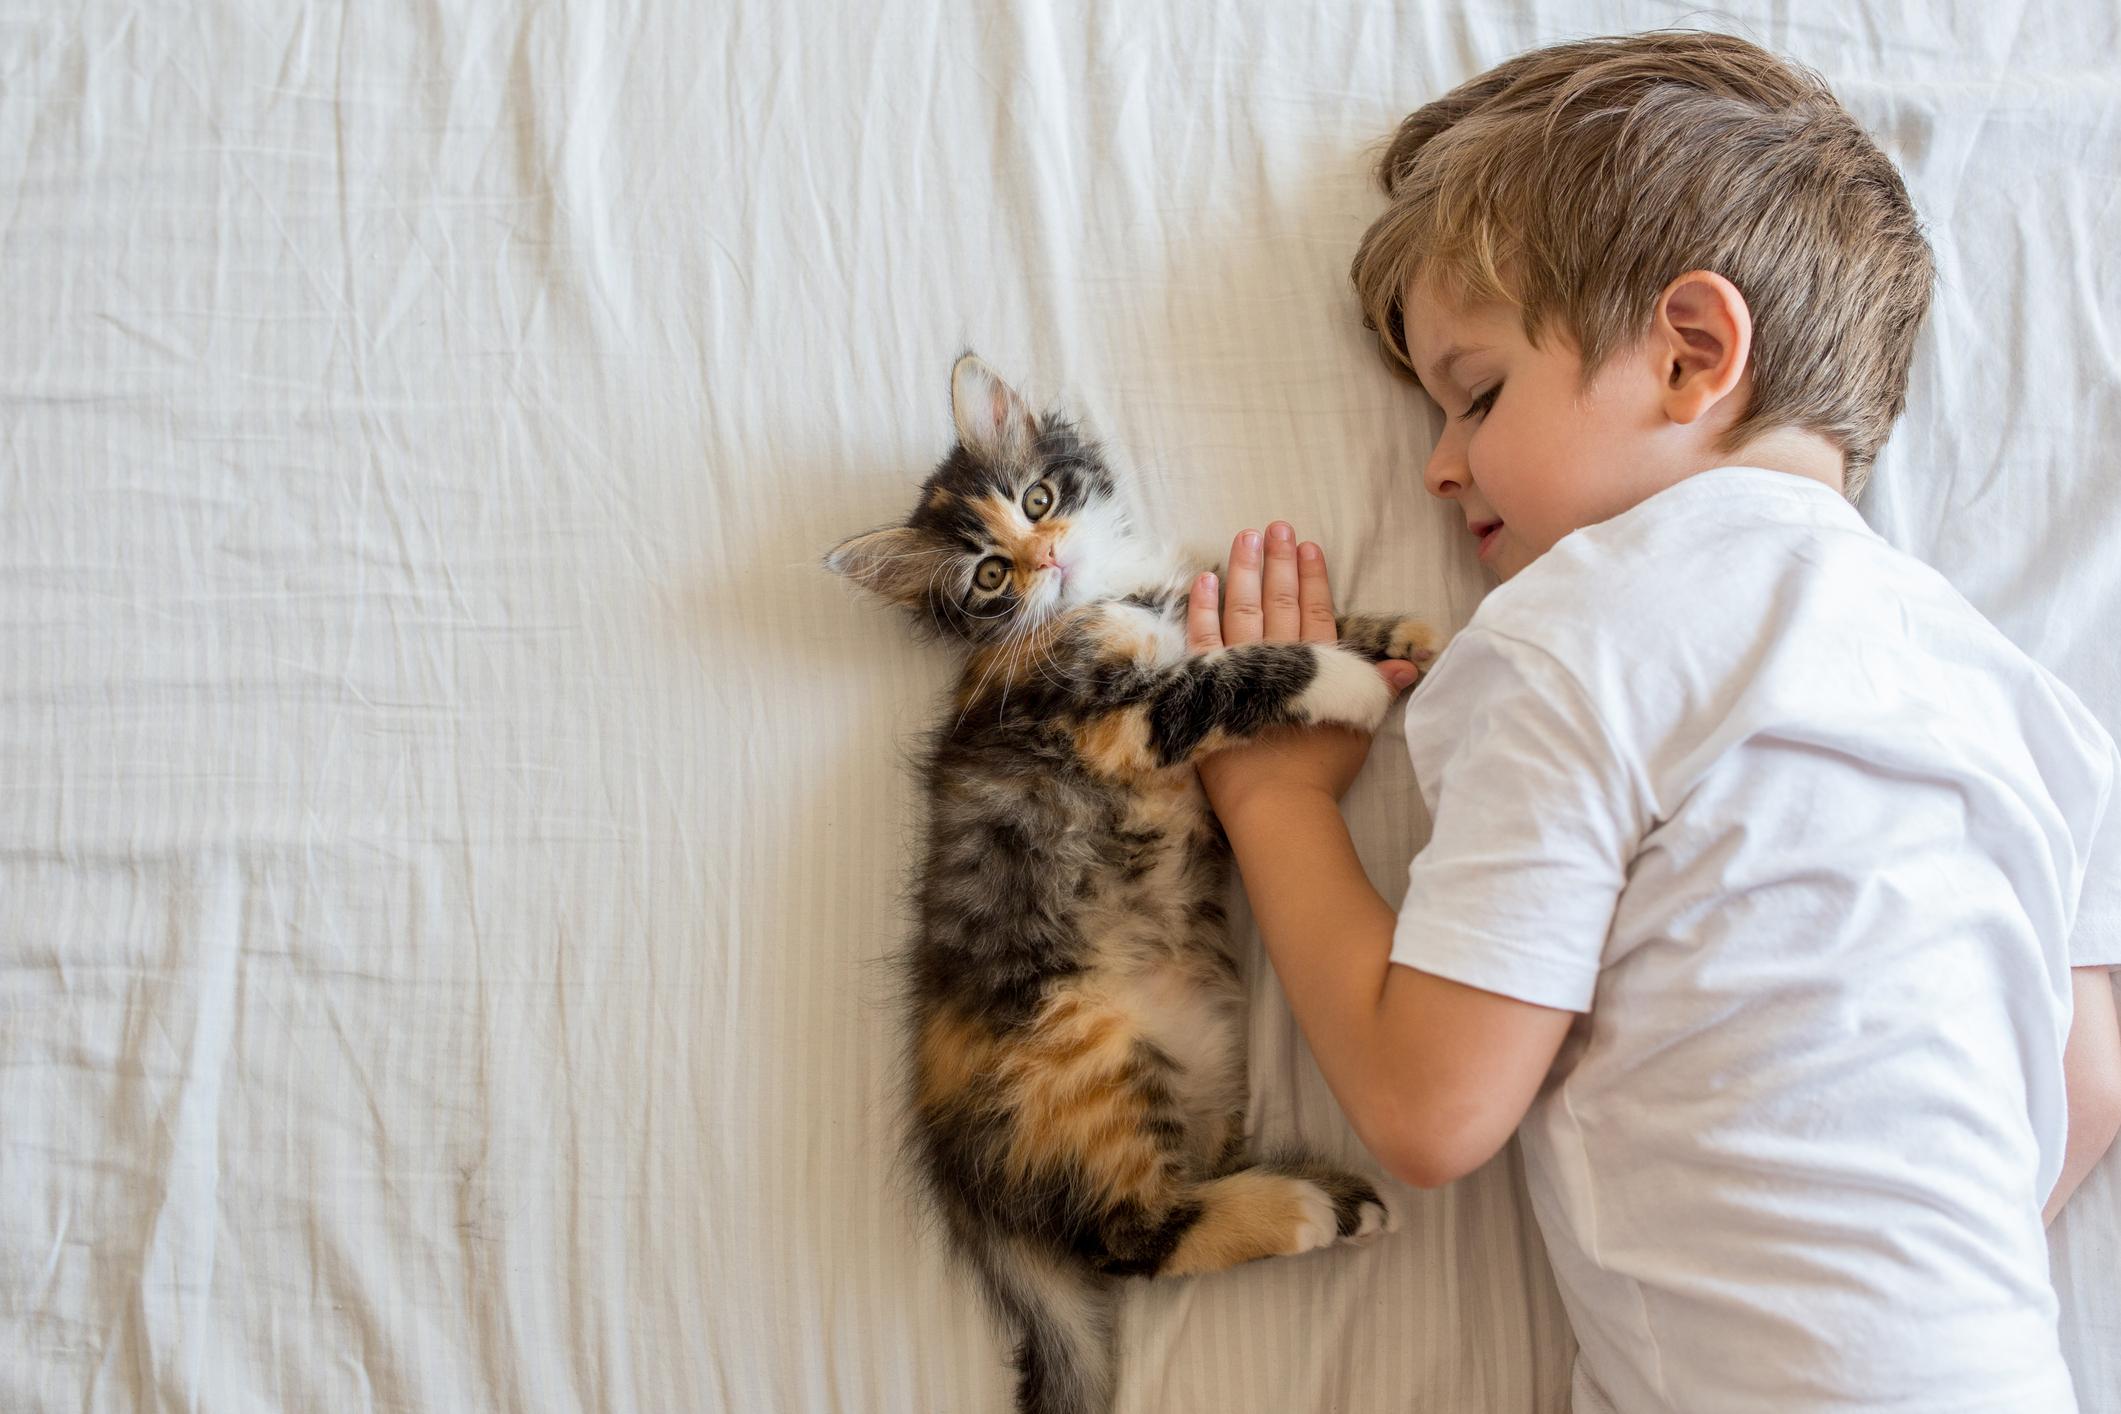 Crianças que convivem com gatos de estimação têm menos risco de ter asma